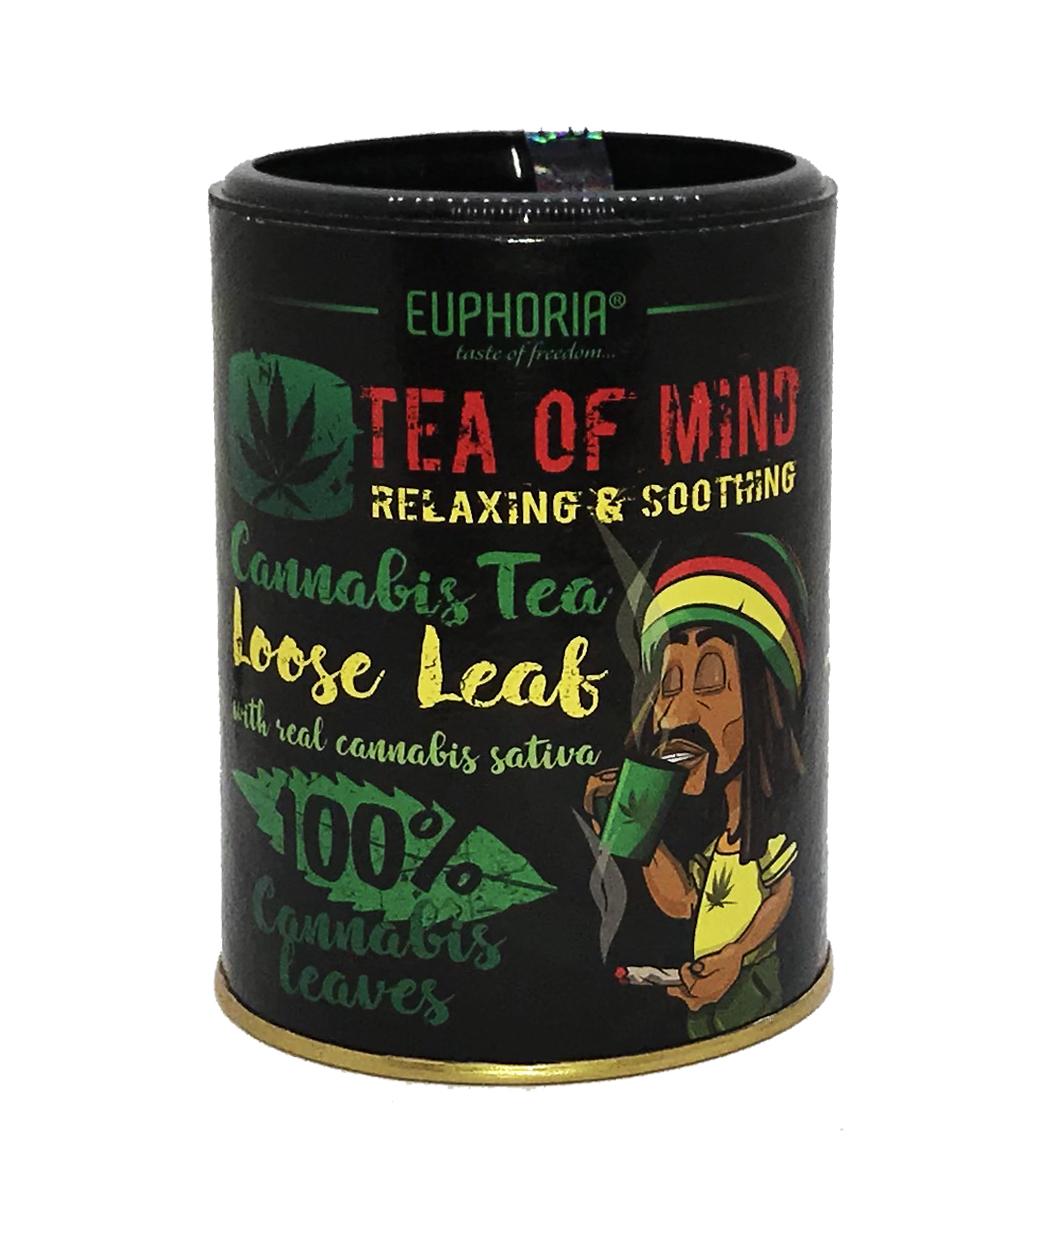 CANNABIS TEA 'TEA OF MIND' LOOSE LEAF